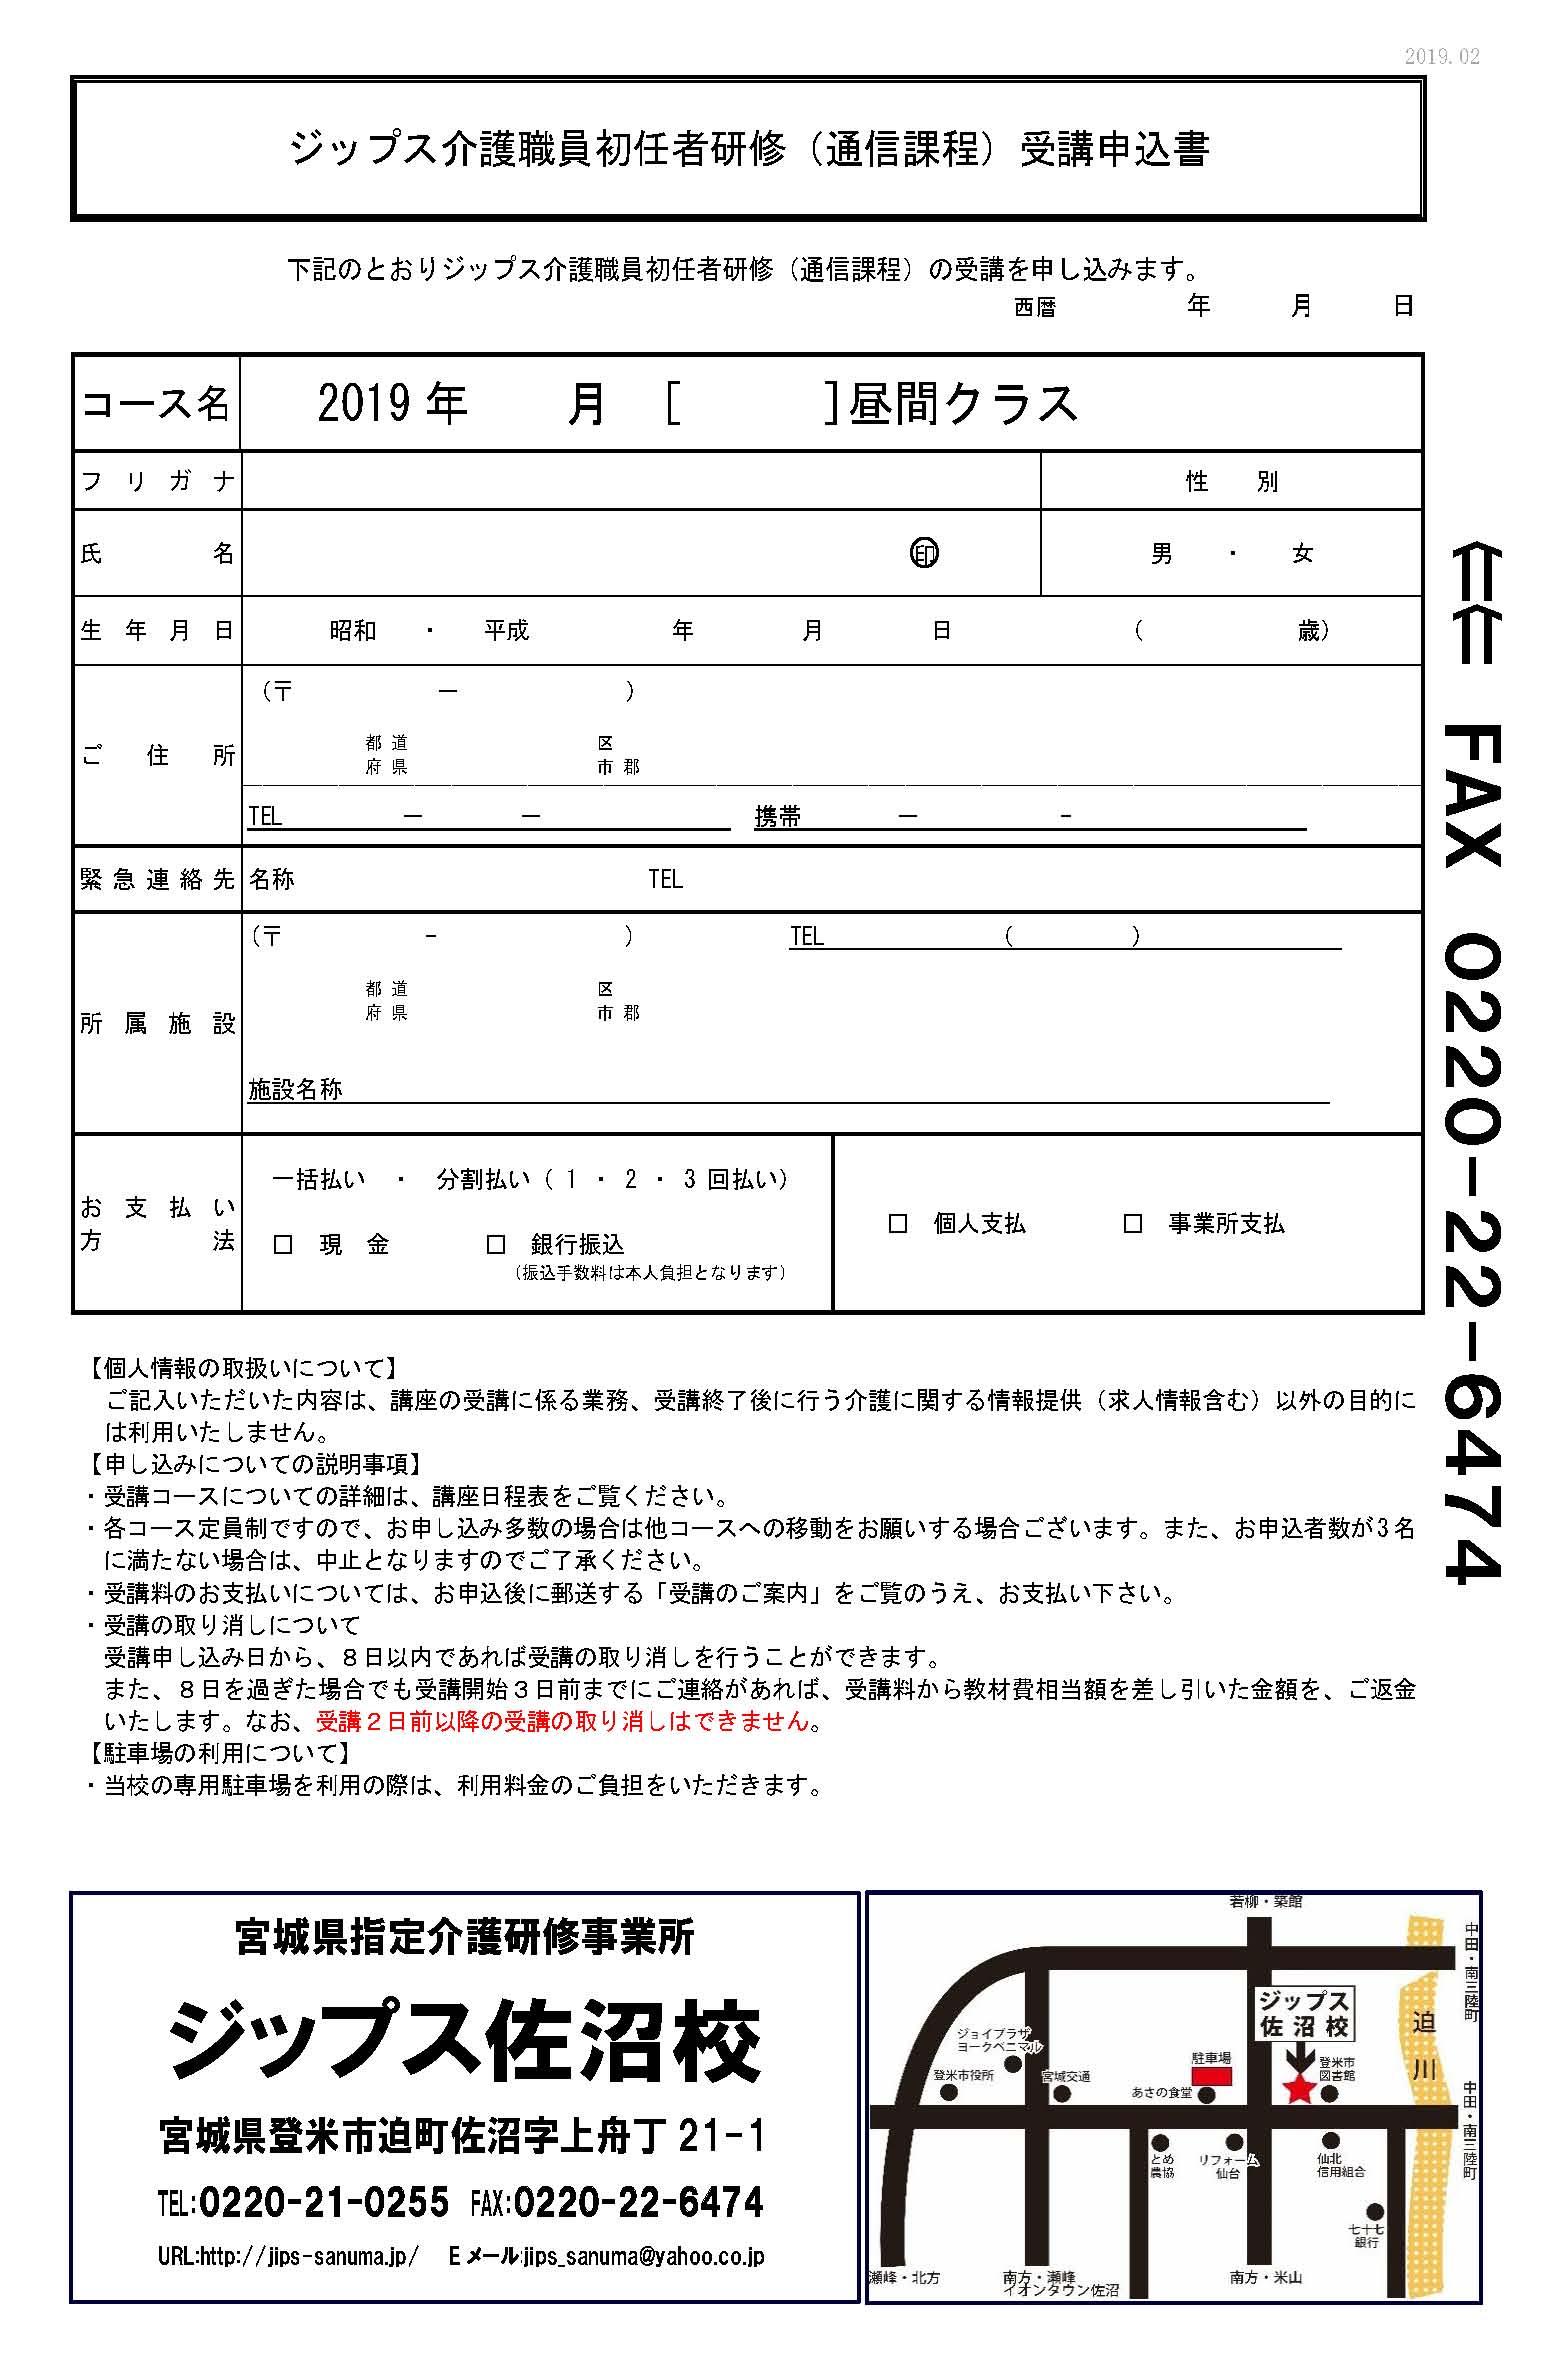 初任者研修募集チラシ2019年4月-5月_ページ_2